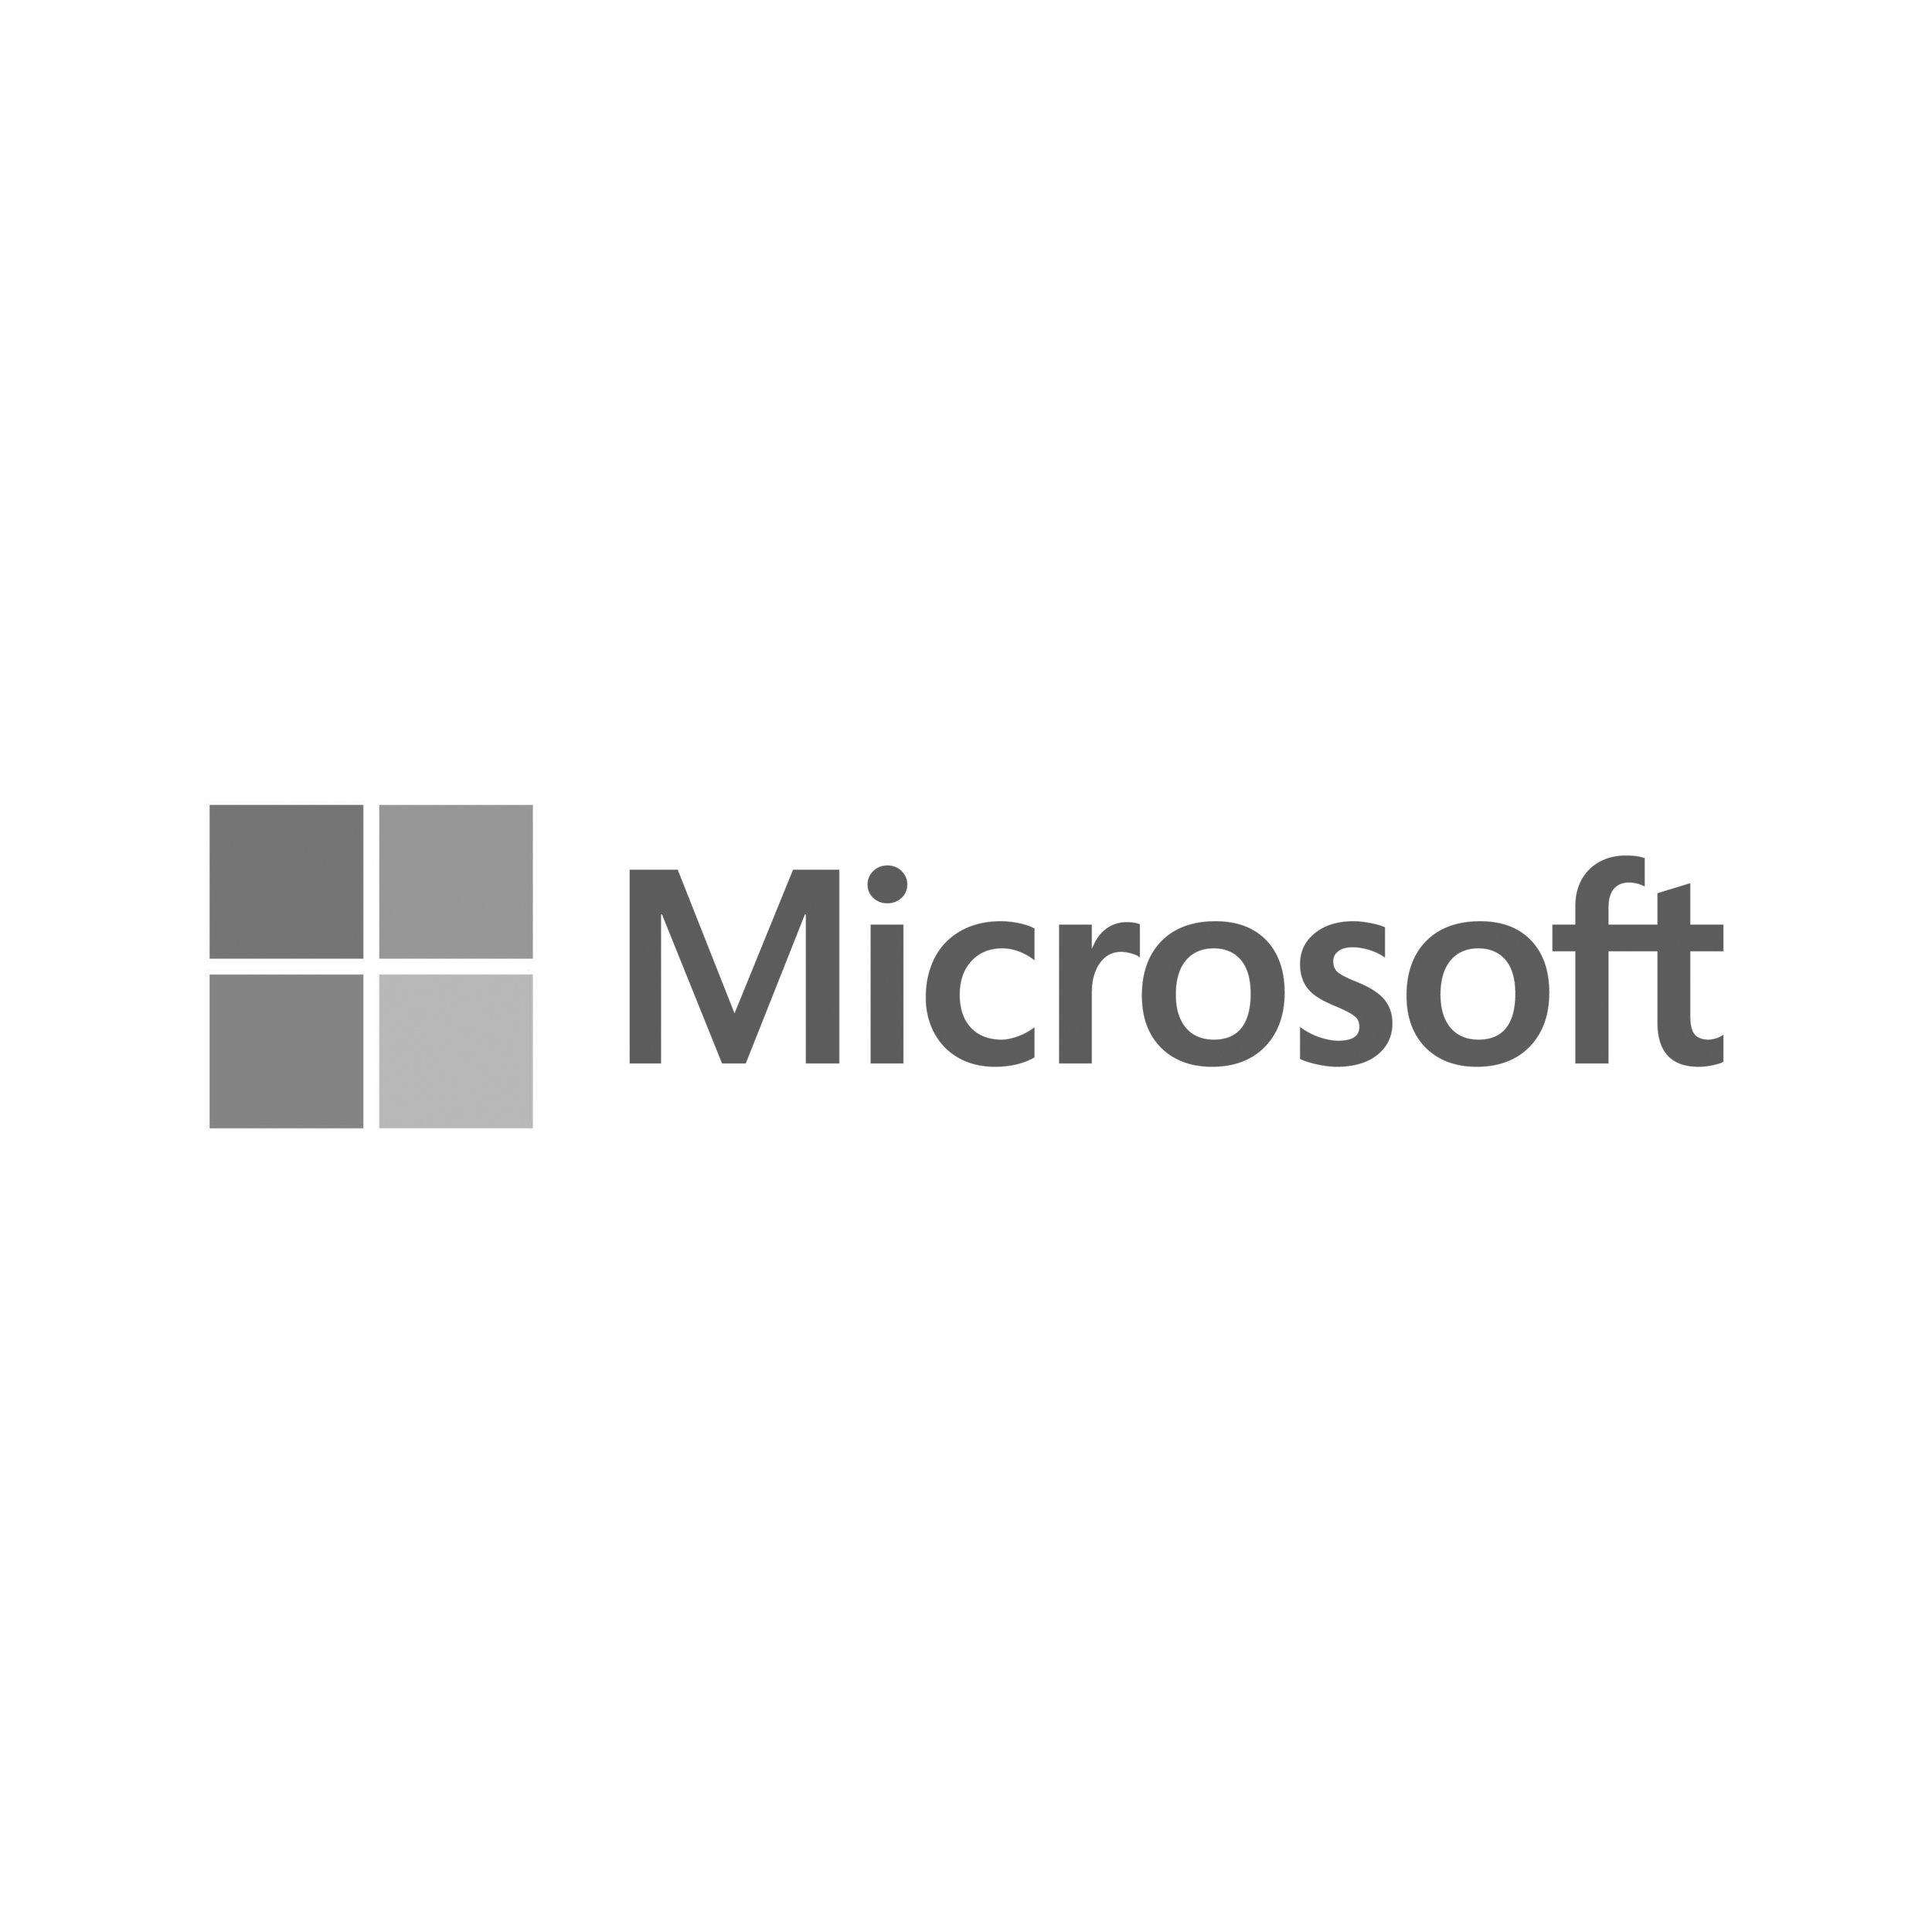 https://www.microsoft.com/en-us